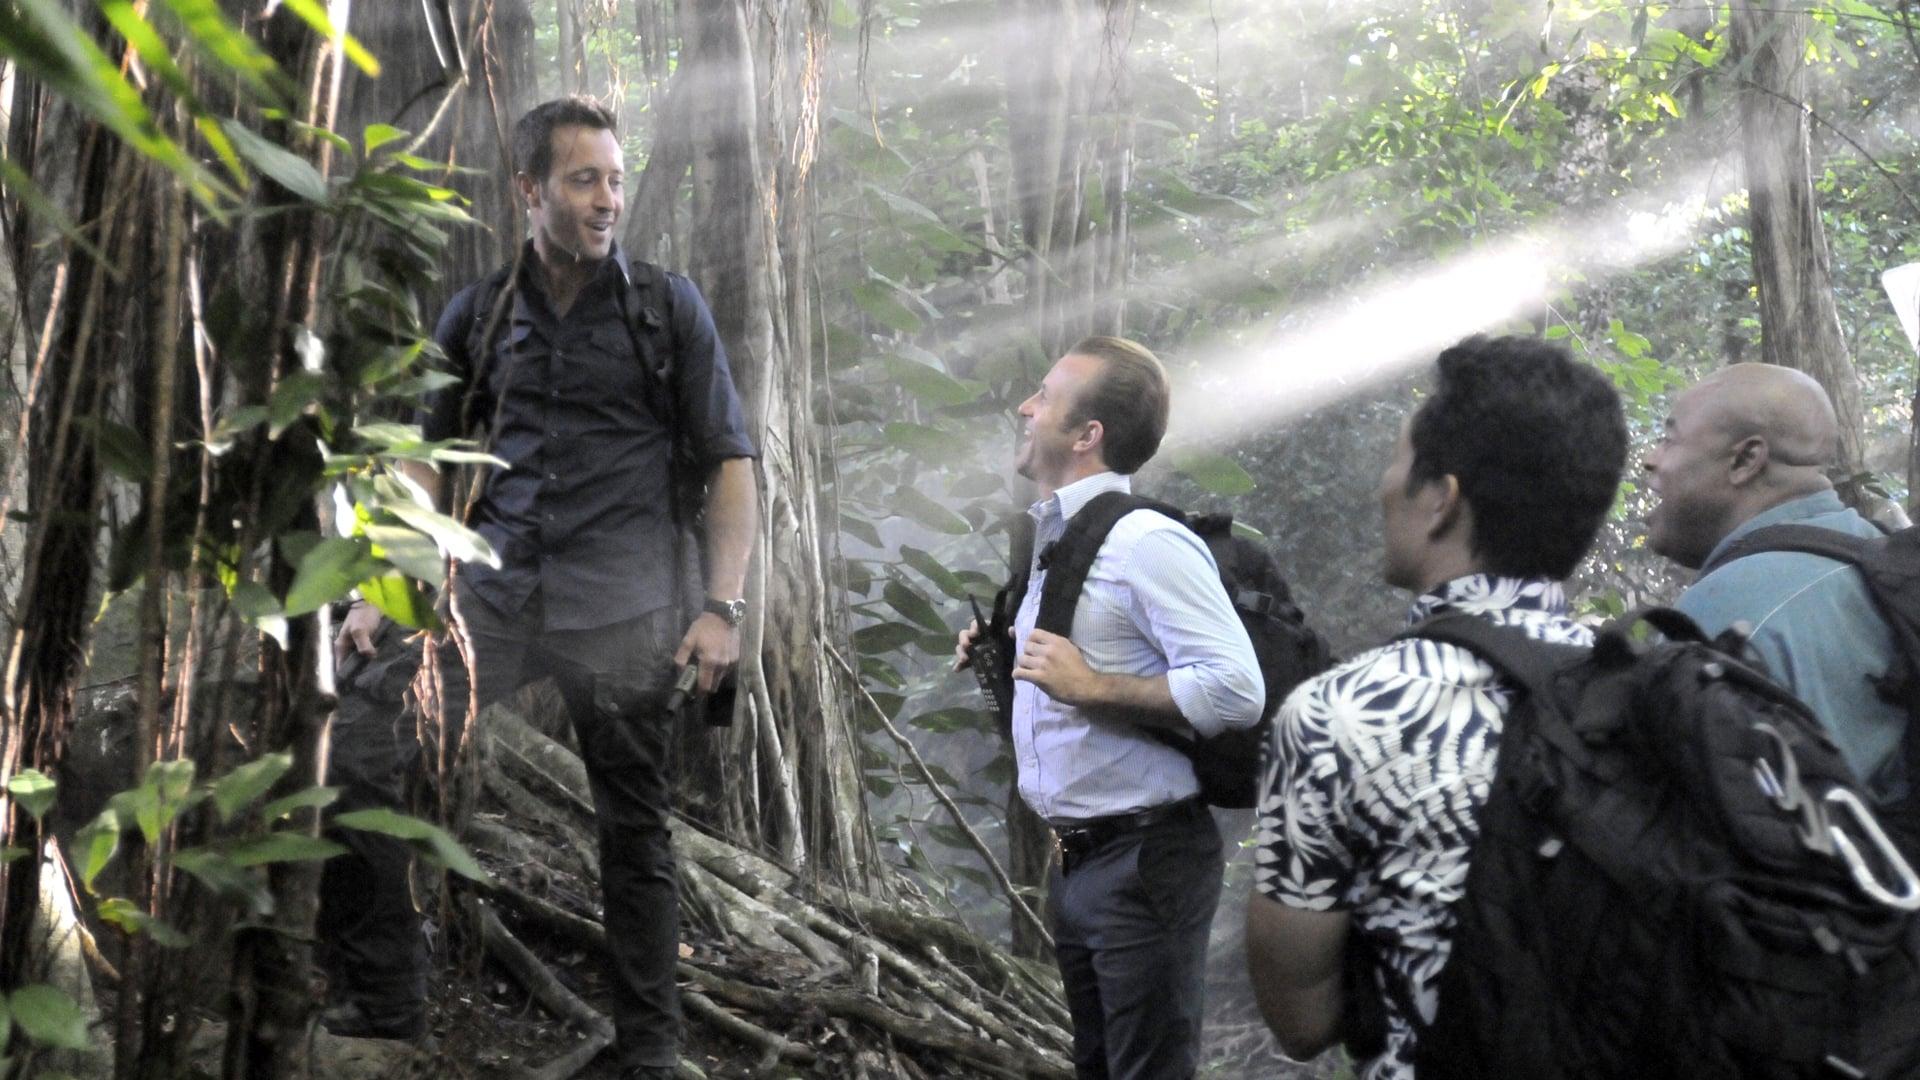 Hawaii Five-0 - Season 6 Episode 1 : Mai Ho'oni I Ka Wai Lana Malie (Do Not Disturb the Water that is Tranquil)